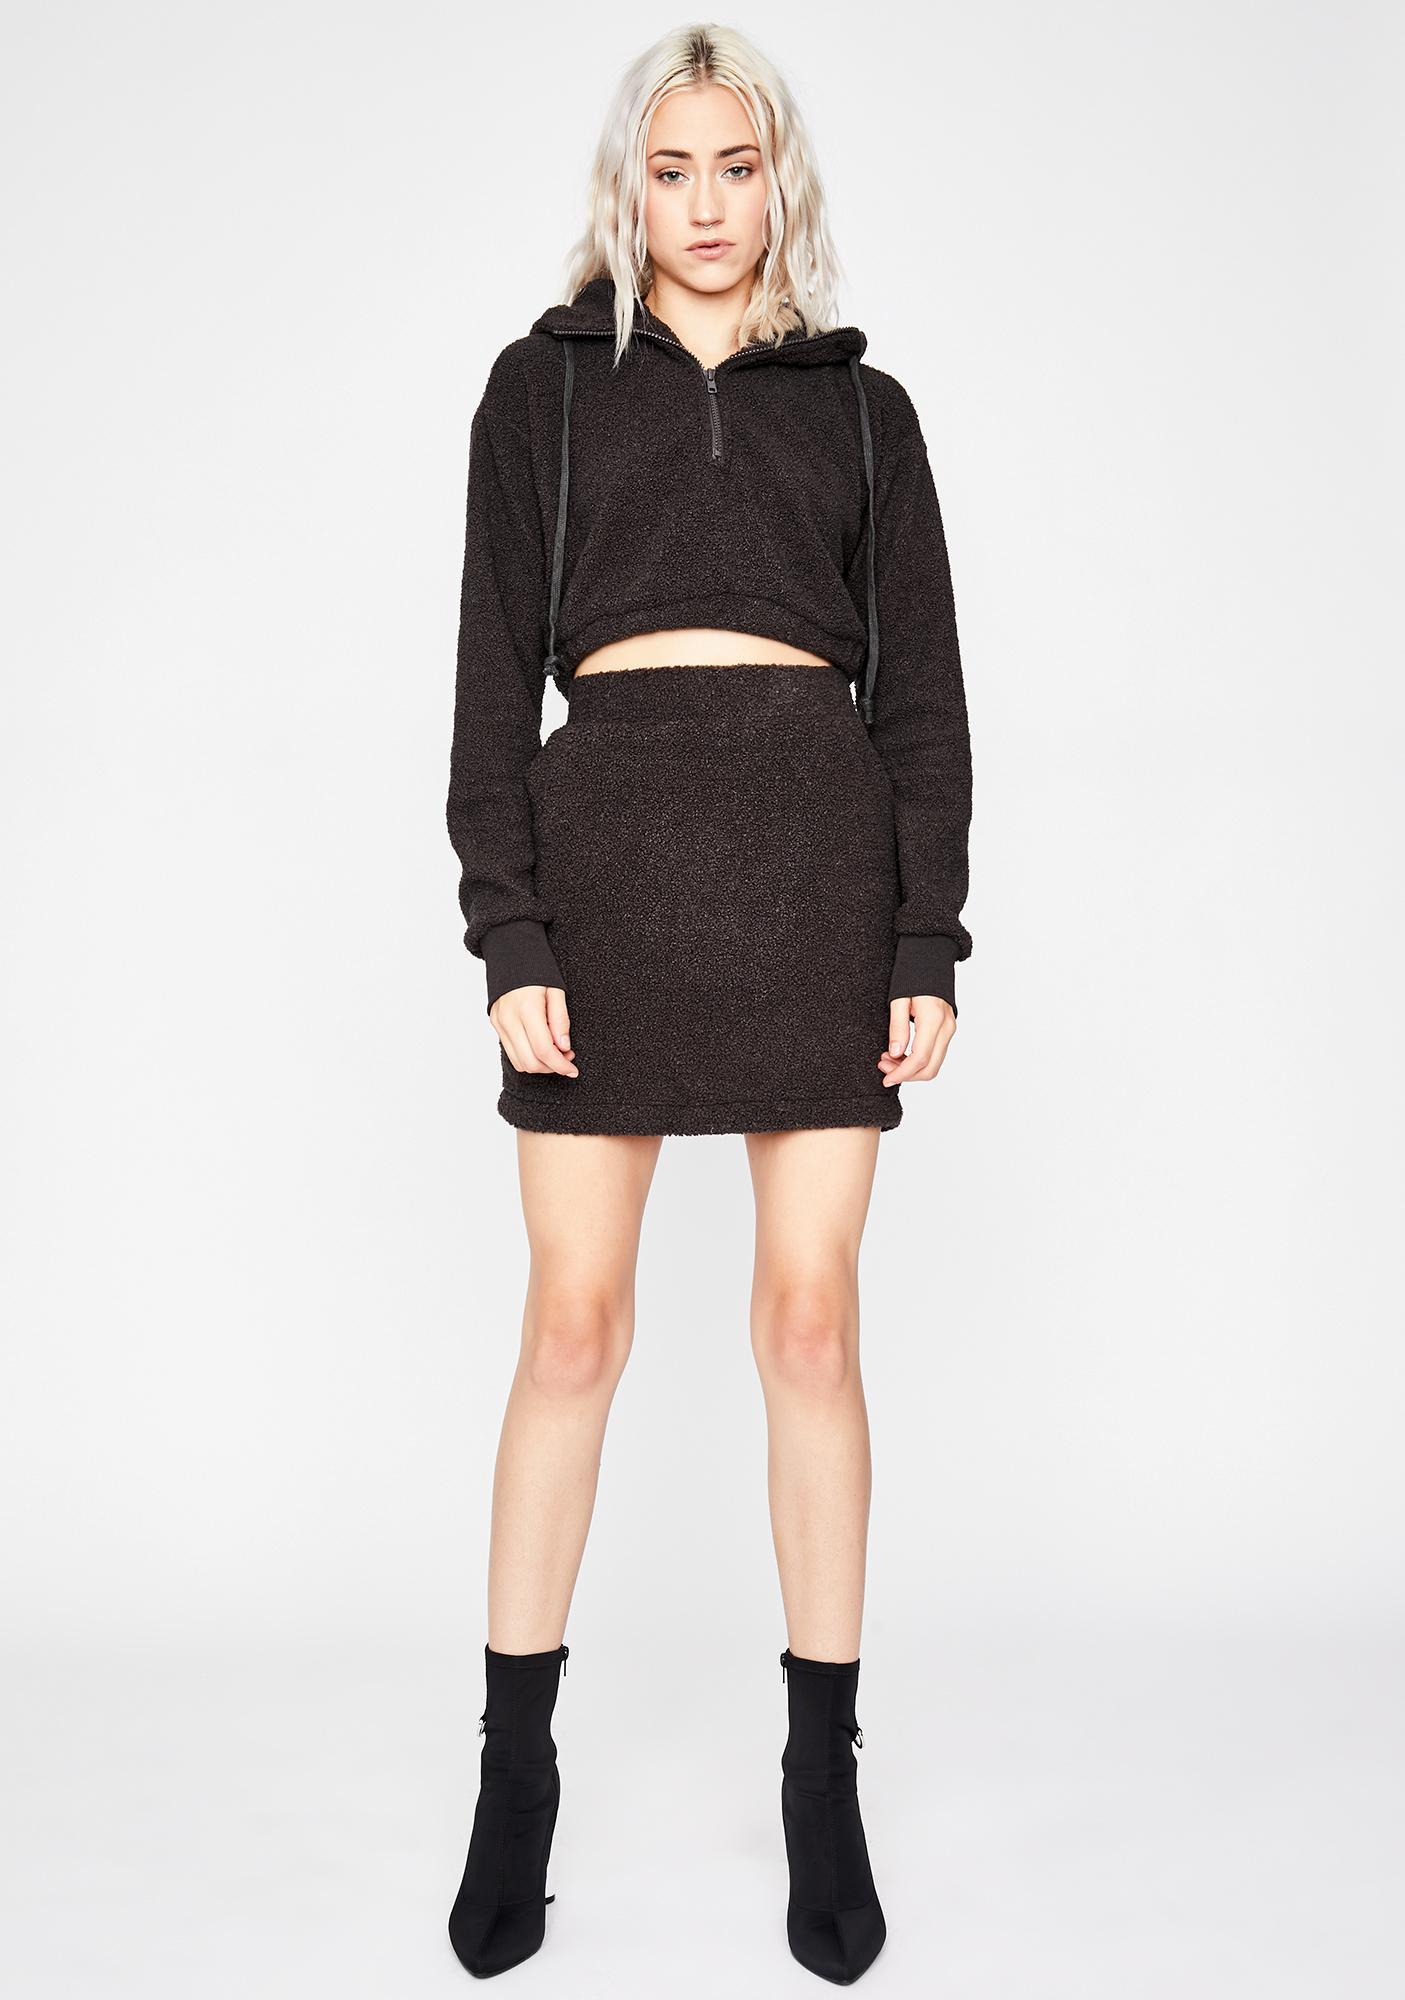 Plush Lover Skirt Set